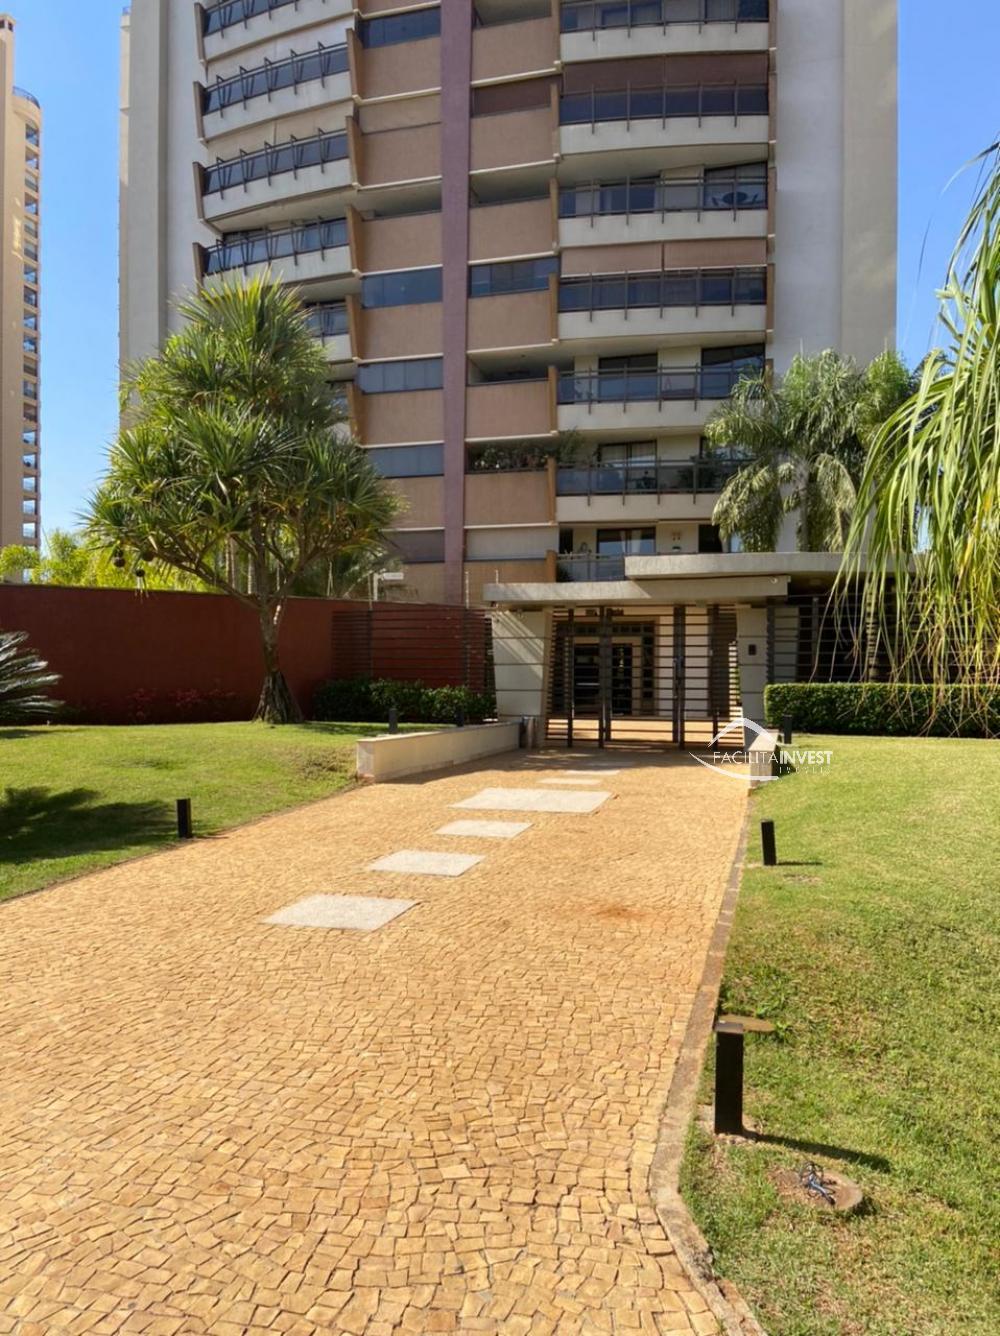 Comprar Apartamentos / Apart. Padrão em Ribeirão Preto R$ 1.400.000,00 - Foto 3